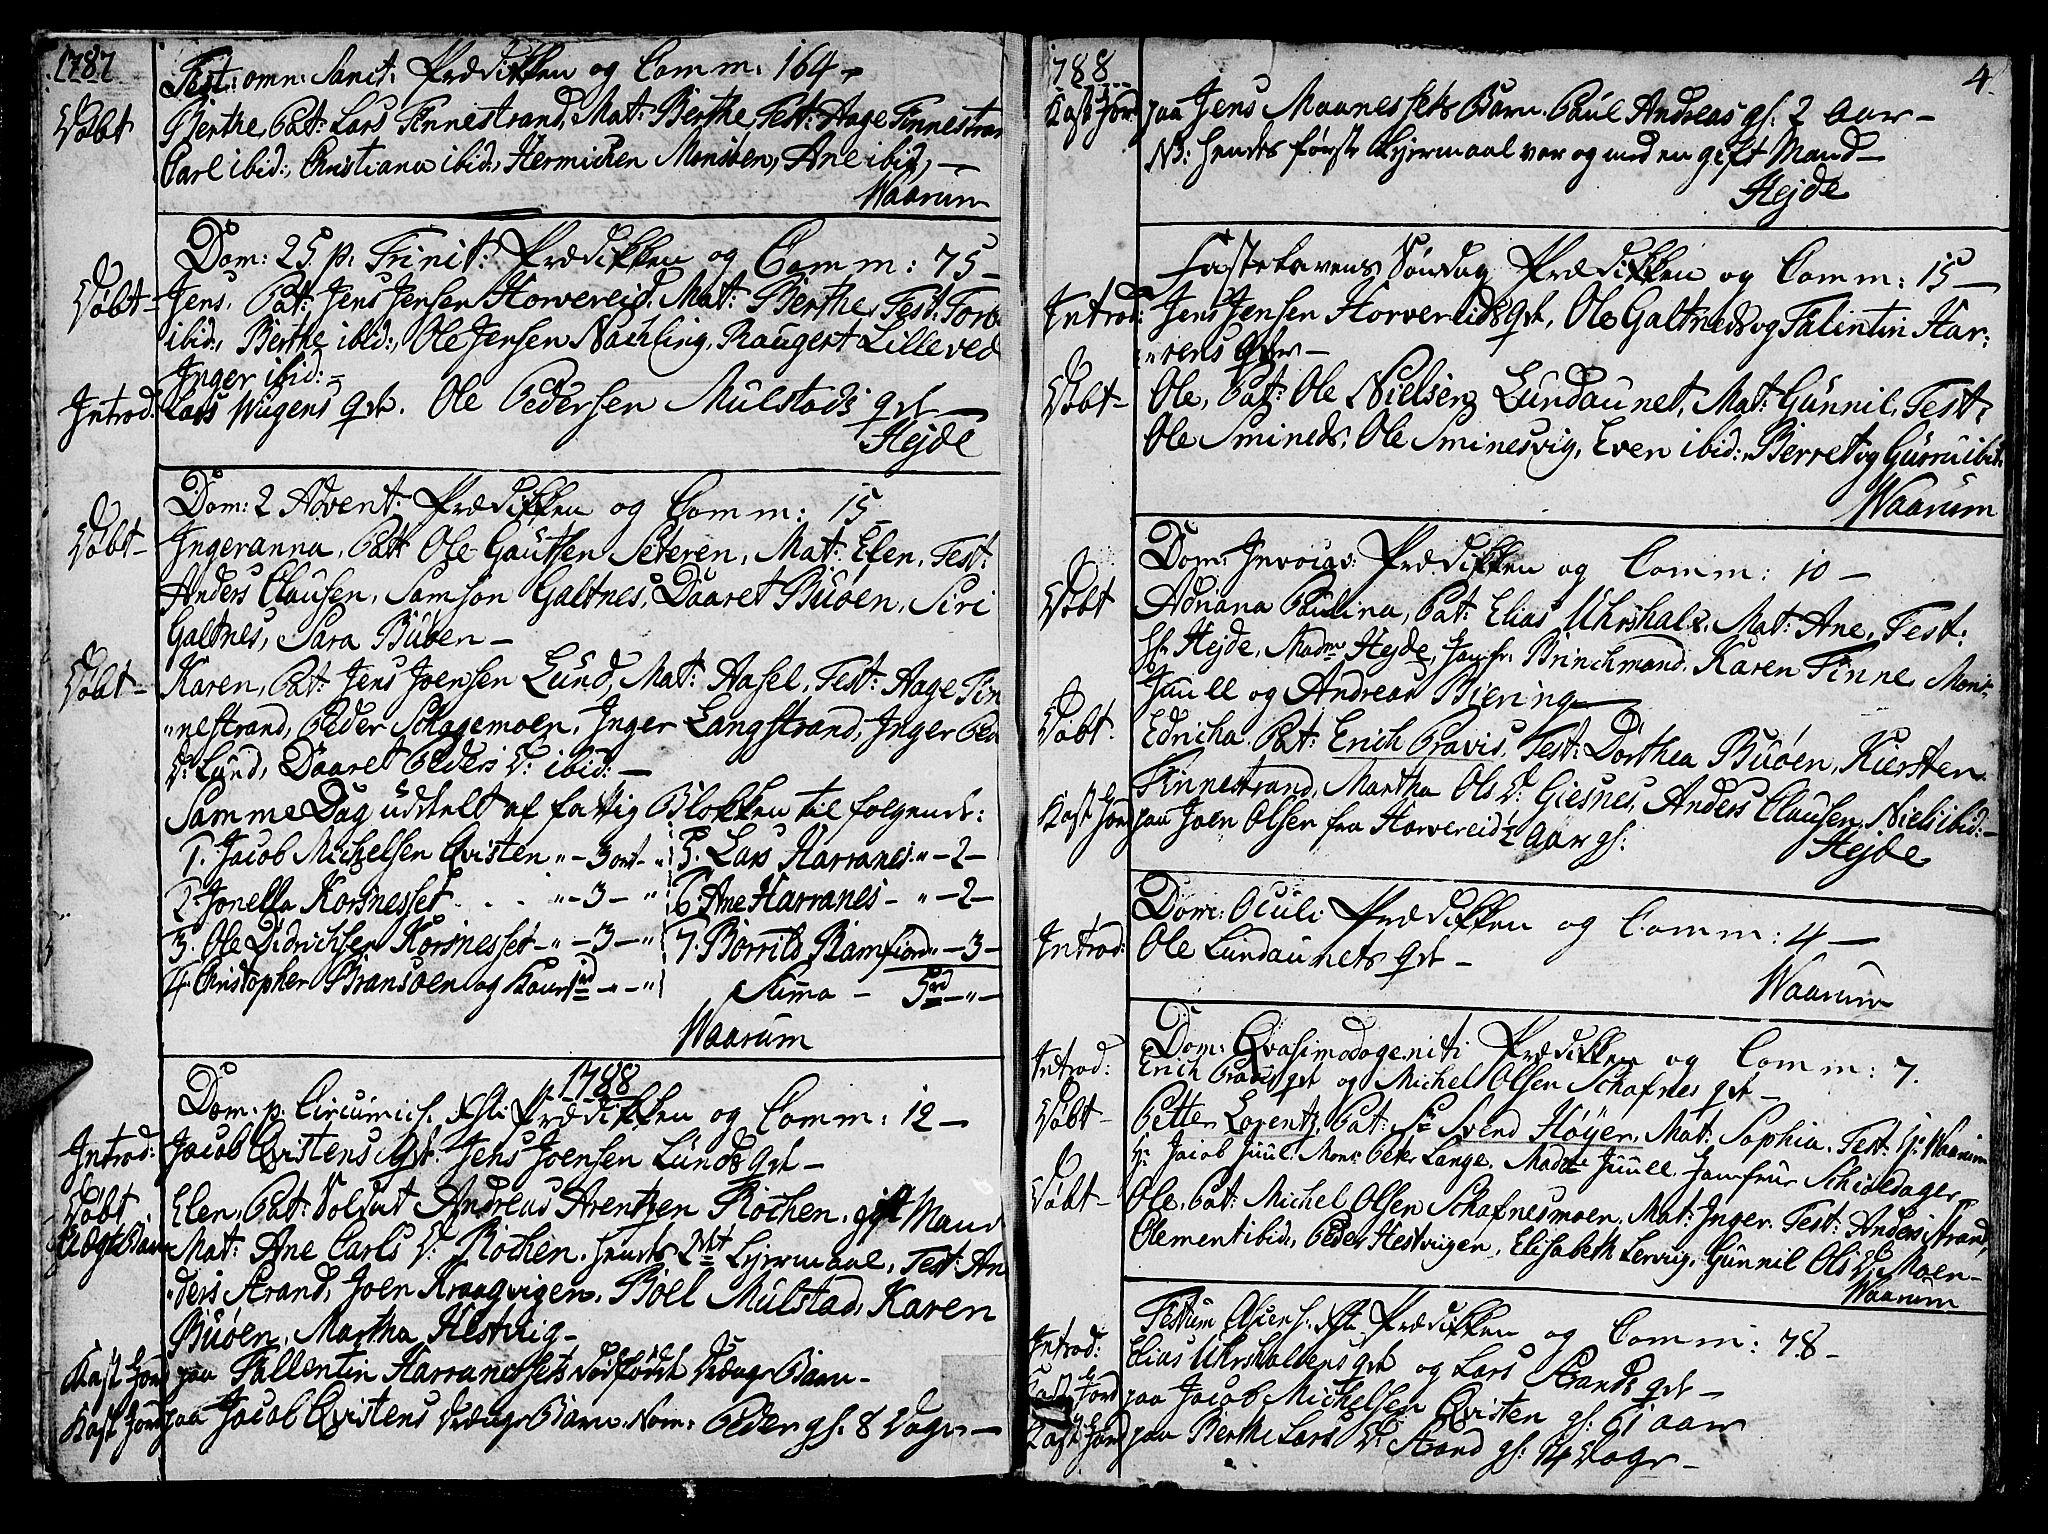 SAT, Ministerialprotokoller, klokkerbøker og fødselsregistre - Nord-Trøndelag, 780/L0633: Ministerialbok nr. 780A02 /1, 1787-1814, s. 4